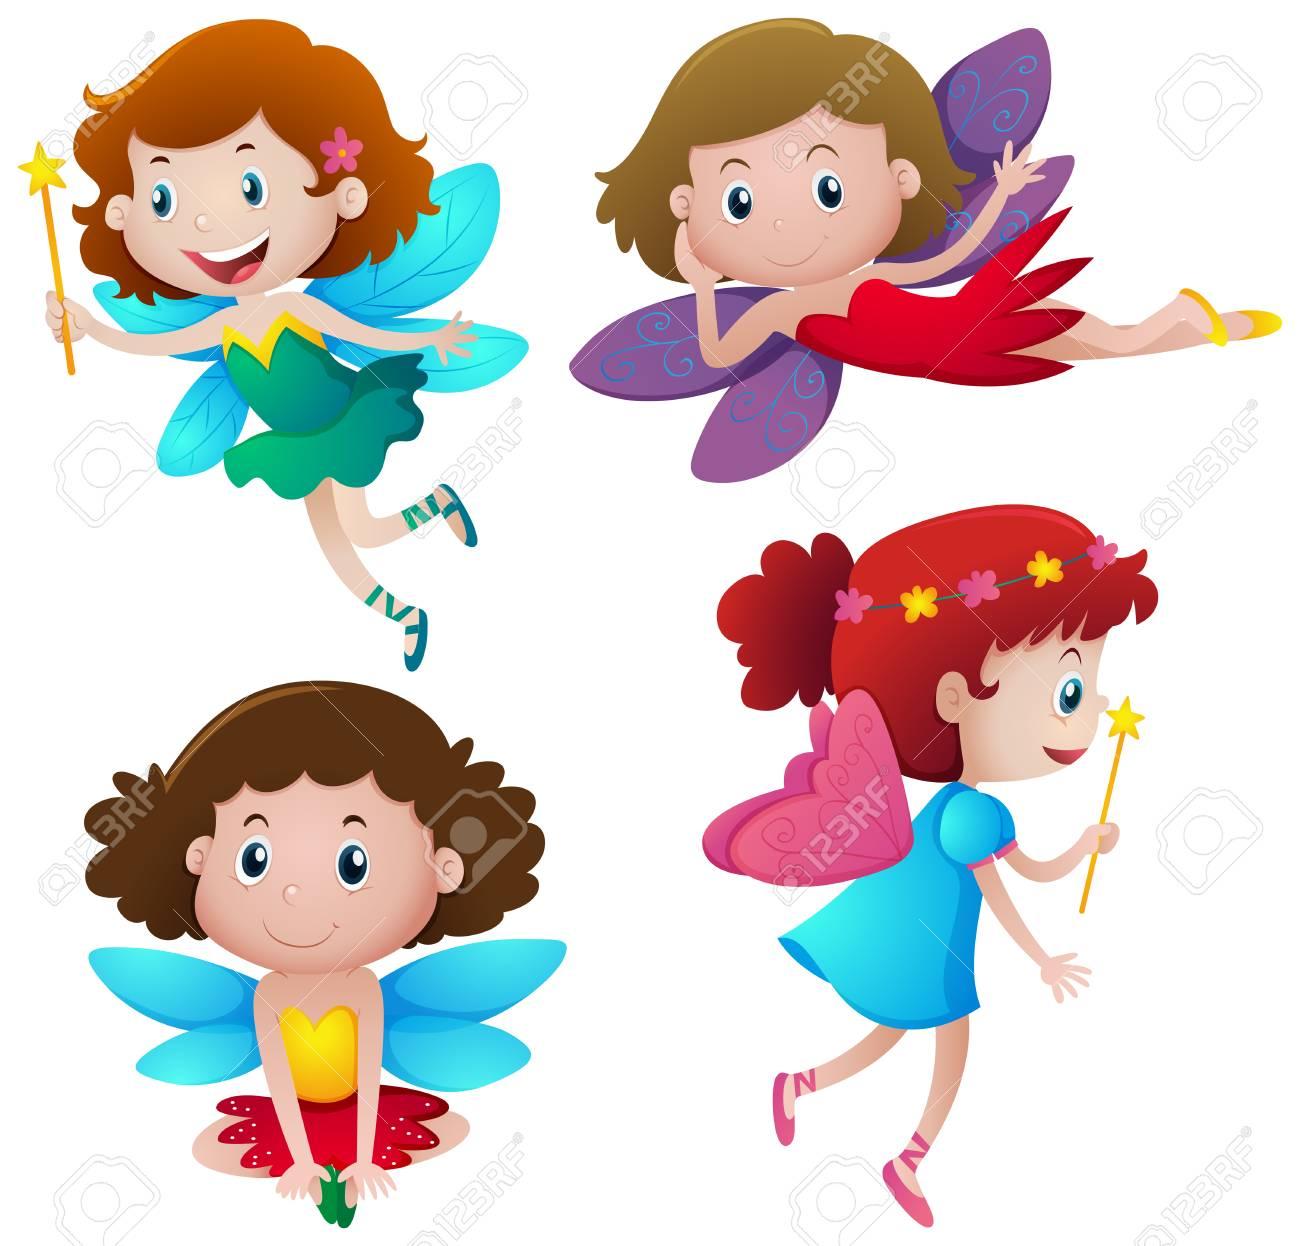 4 つのかわいい妖精イラストを飛んでのイラスト素材ベクタ Image